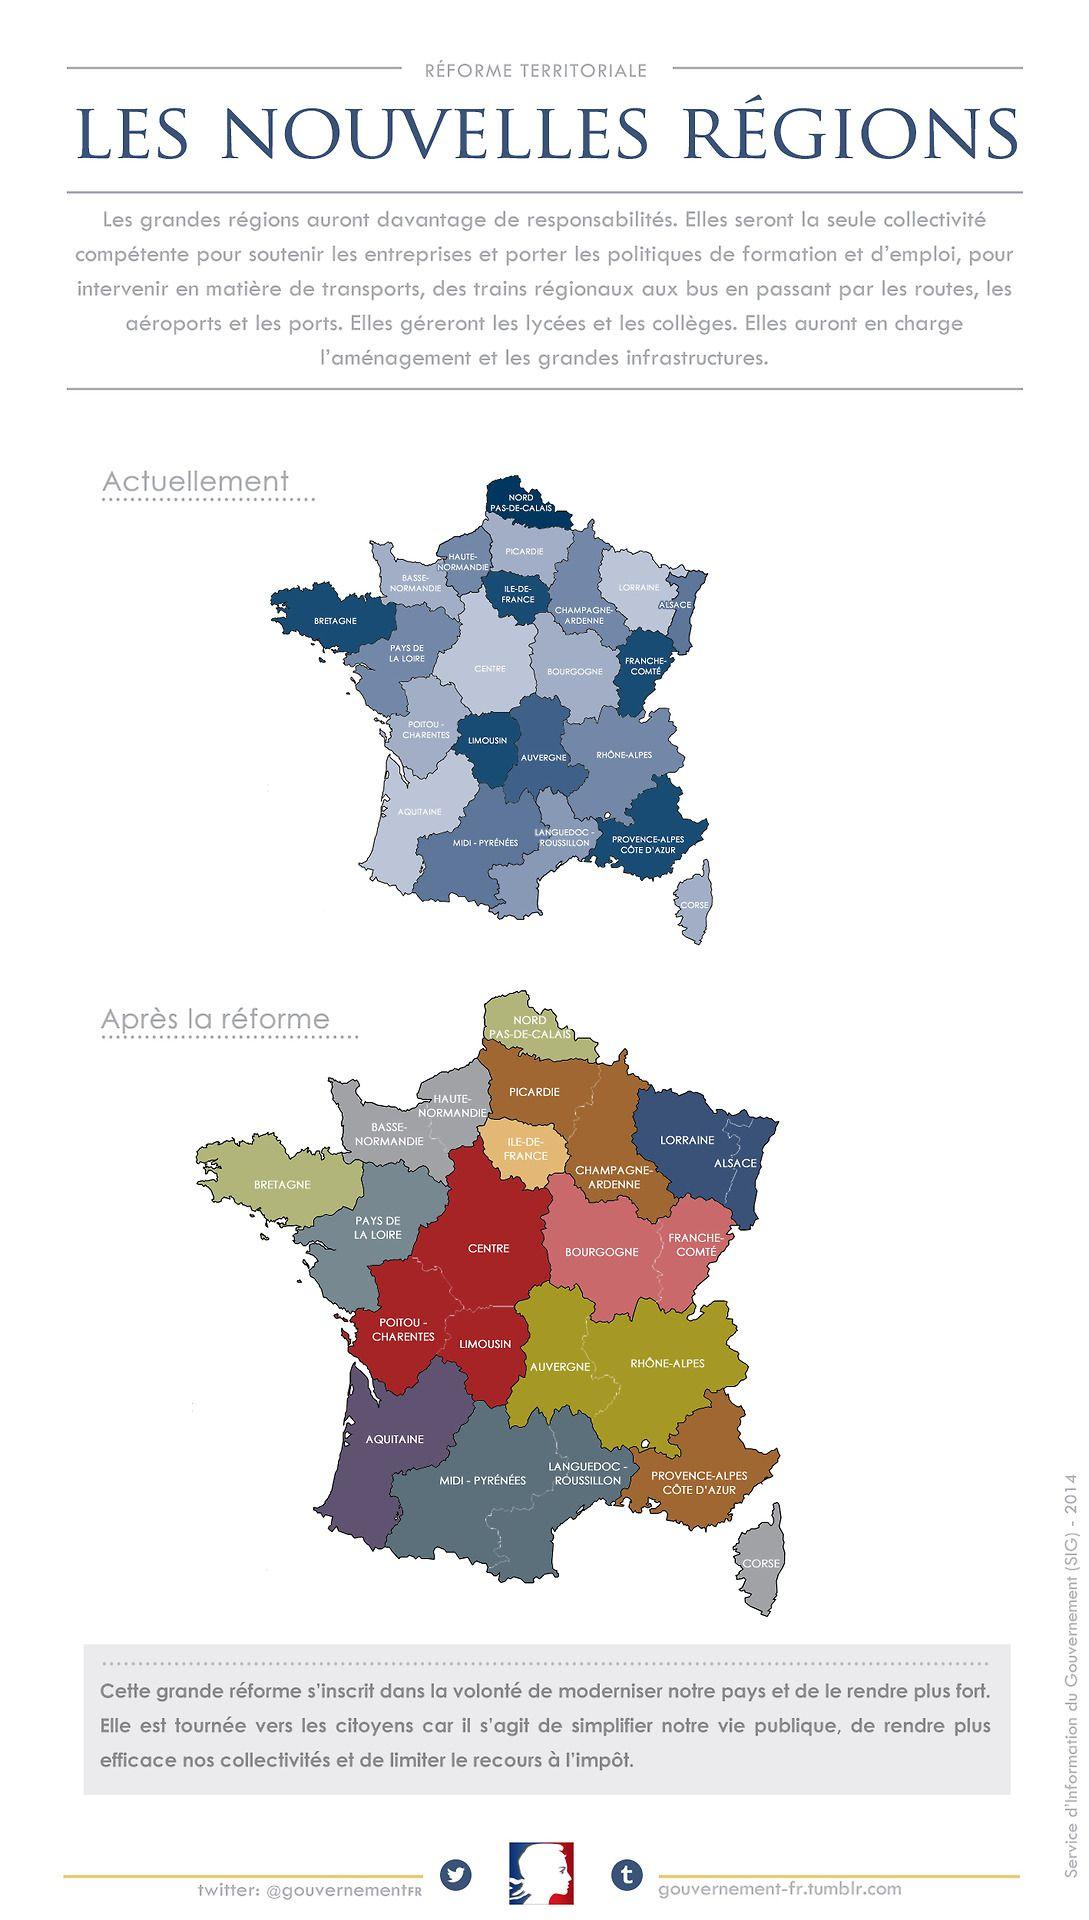 Les Nouvelles Regions De La France | Géographie, Carte Des intérieur Les Nouvelles Regions